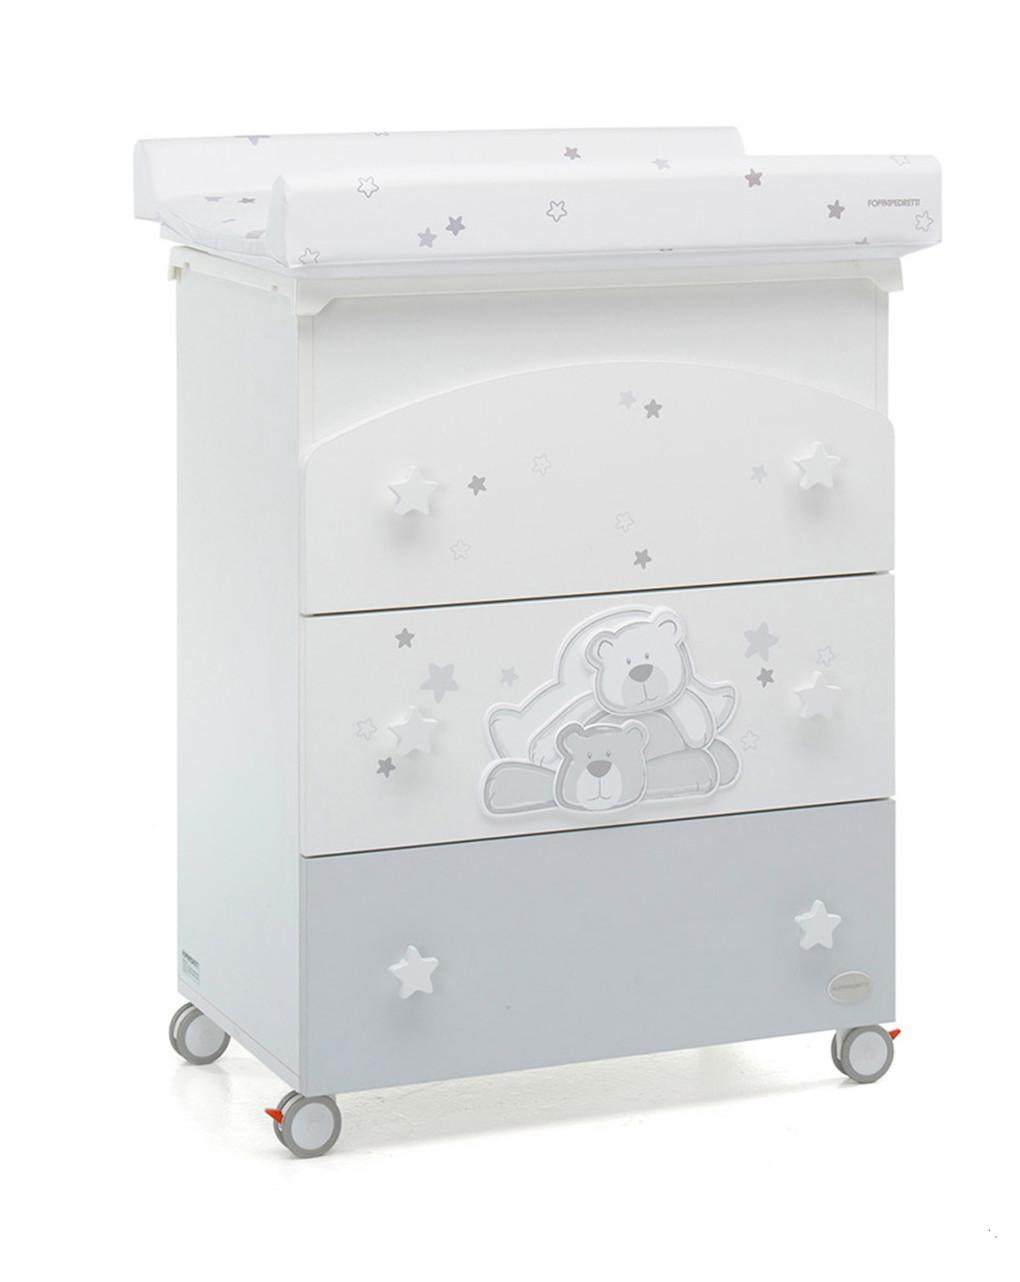 Bagnetto cassettiera dolce stella bianco - Foppapedretti